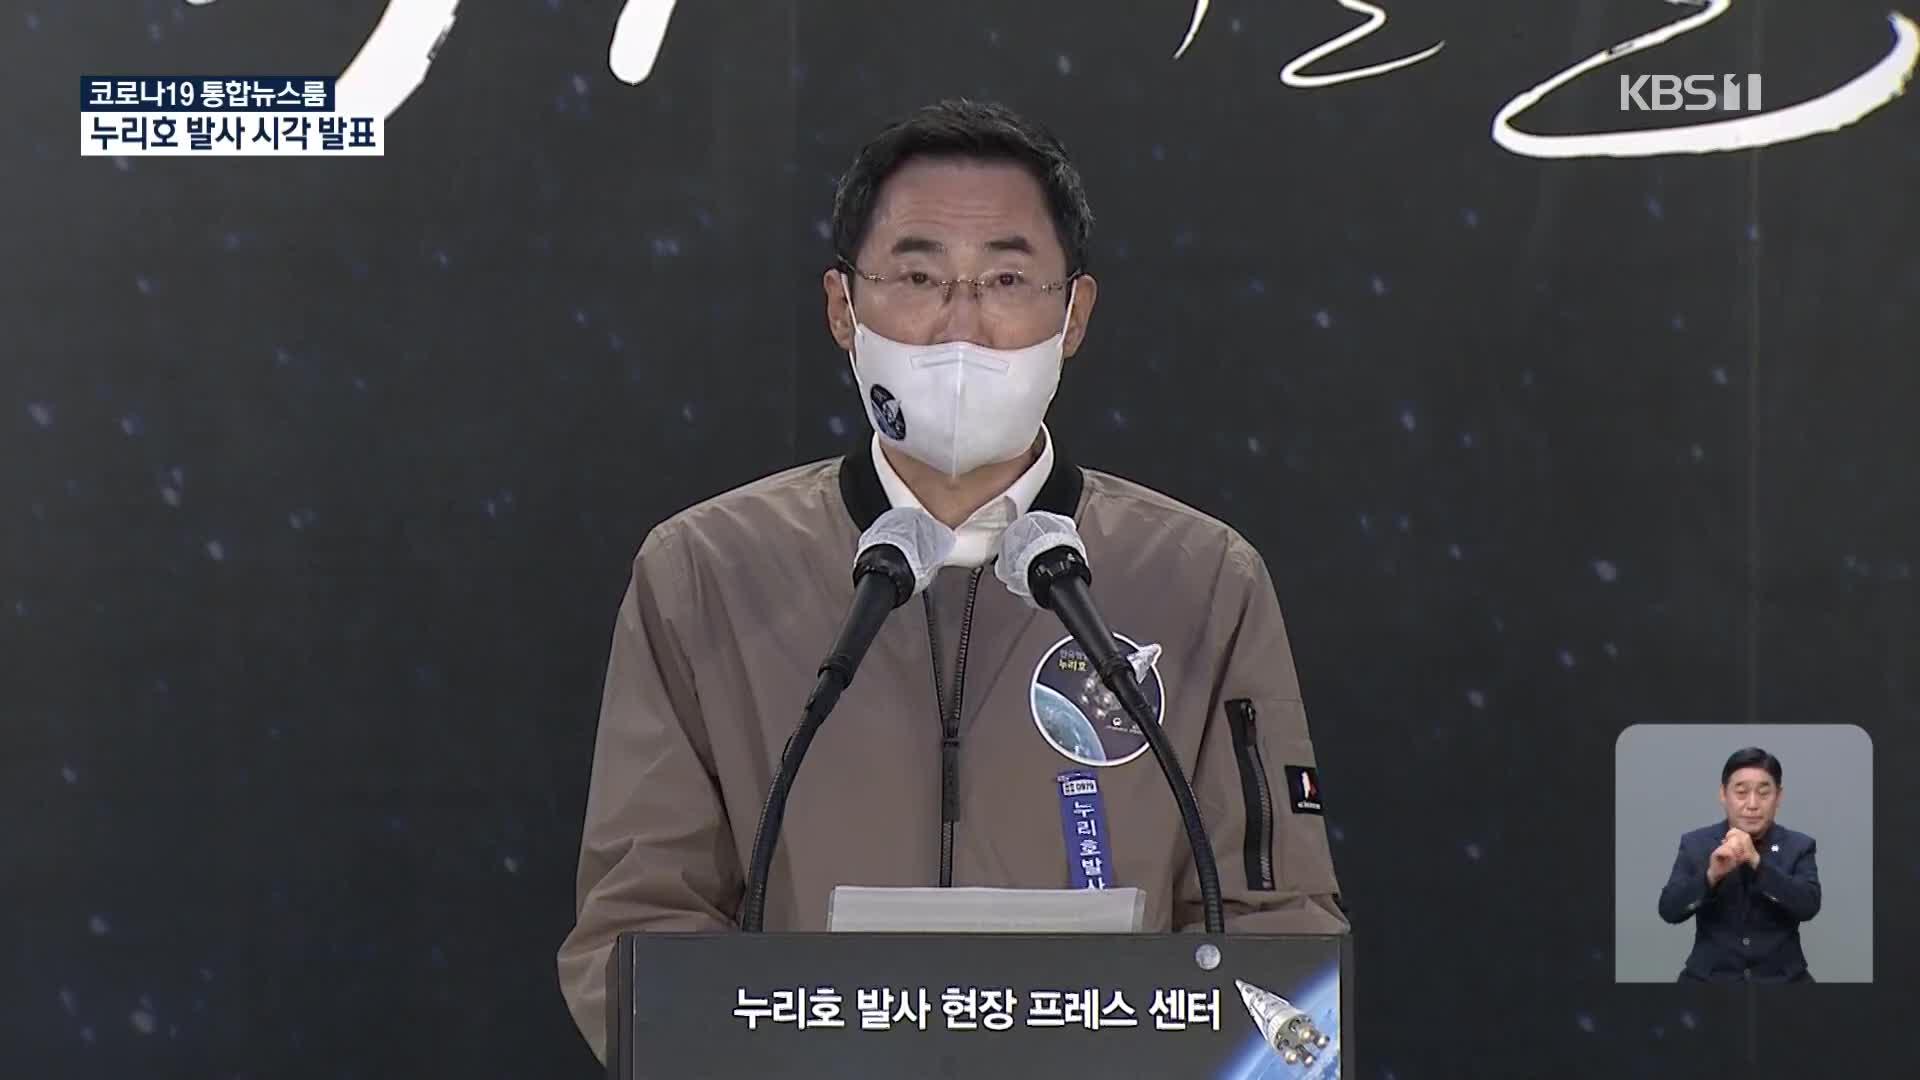 """발사관리위 """"누리호, 오후 5시 발사하기로 최종 결정"""""""